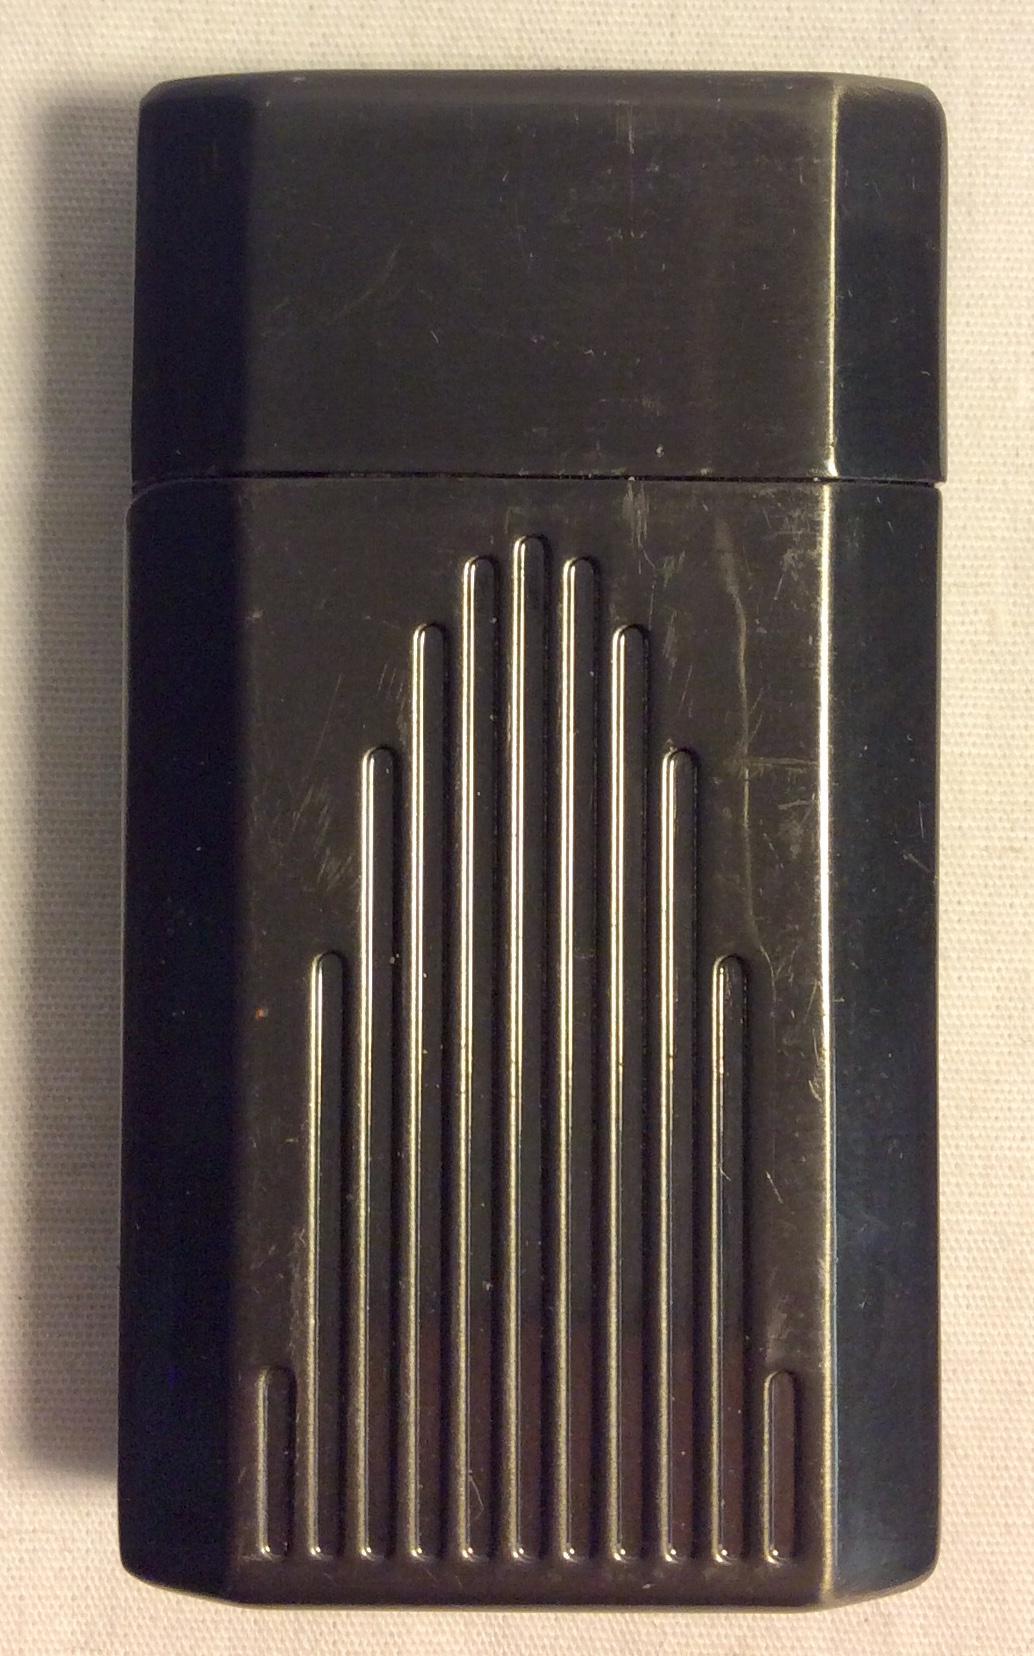 Ronson Gun metal stainless steel